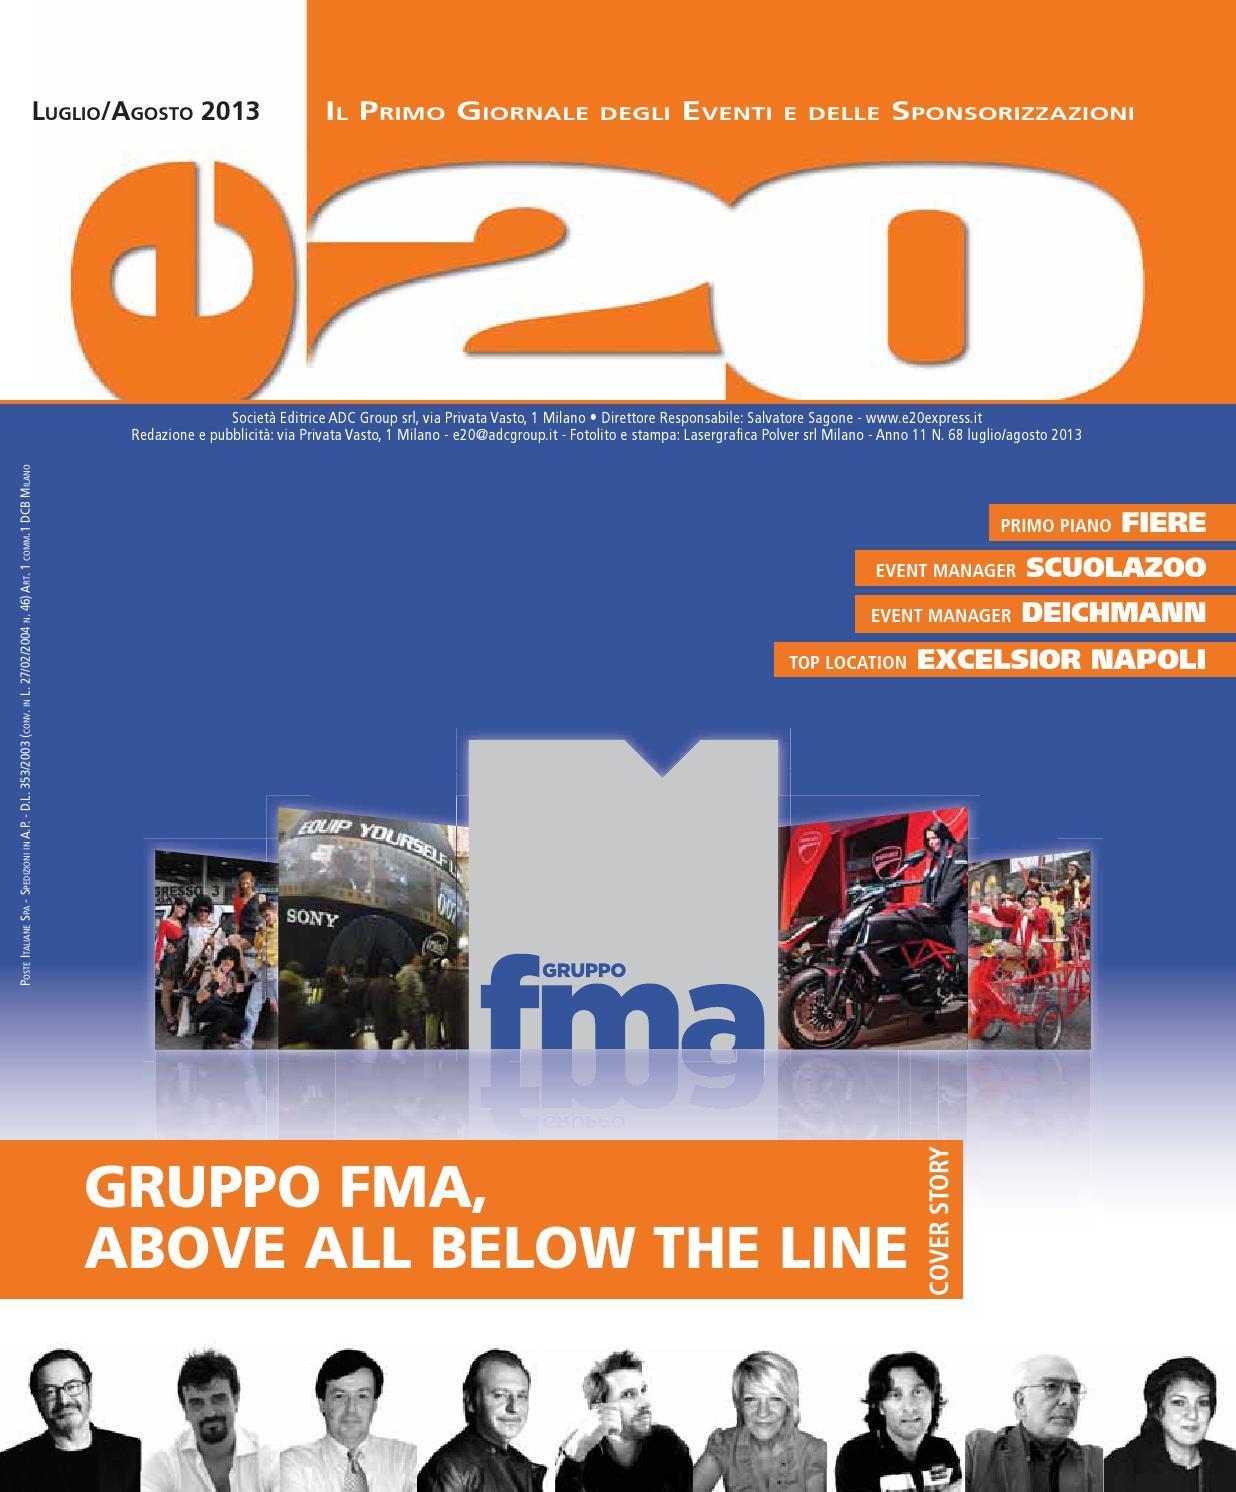 e20 Lug Ago 2013 by ADC Group - issuu 41361d4a1f5